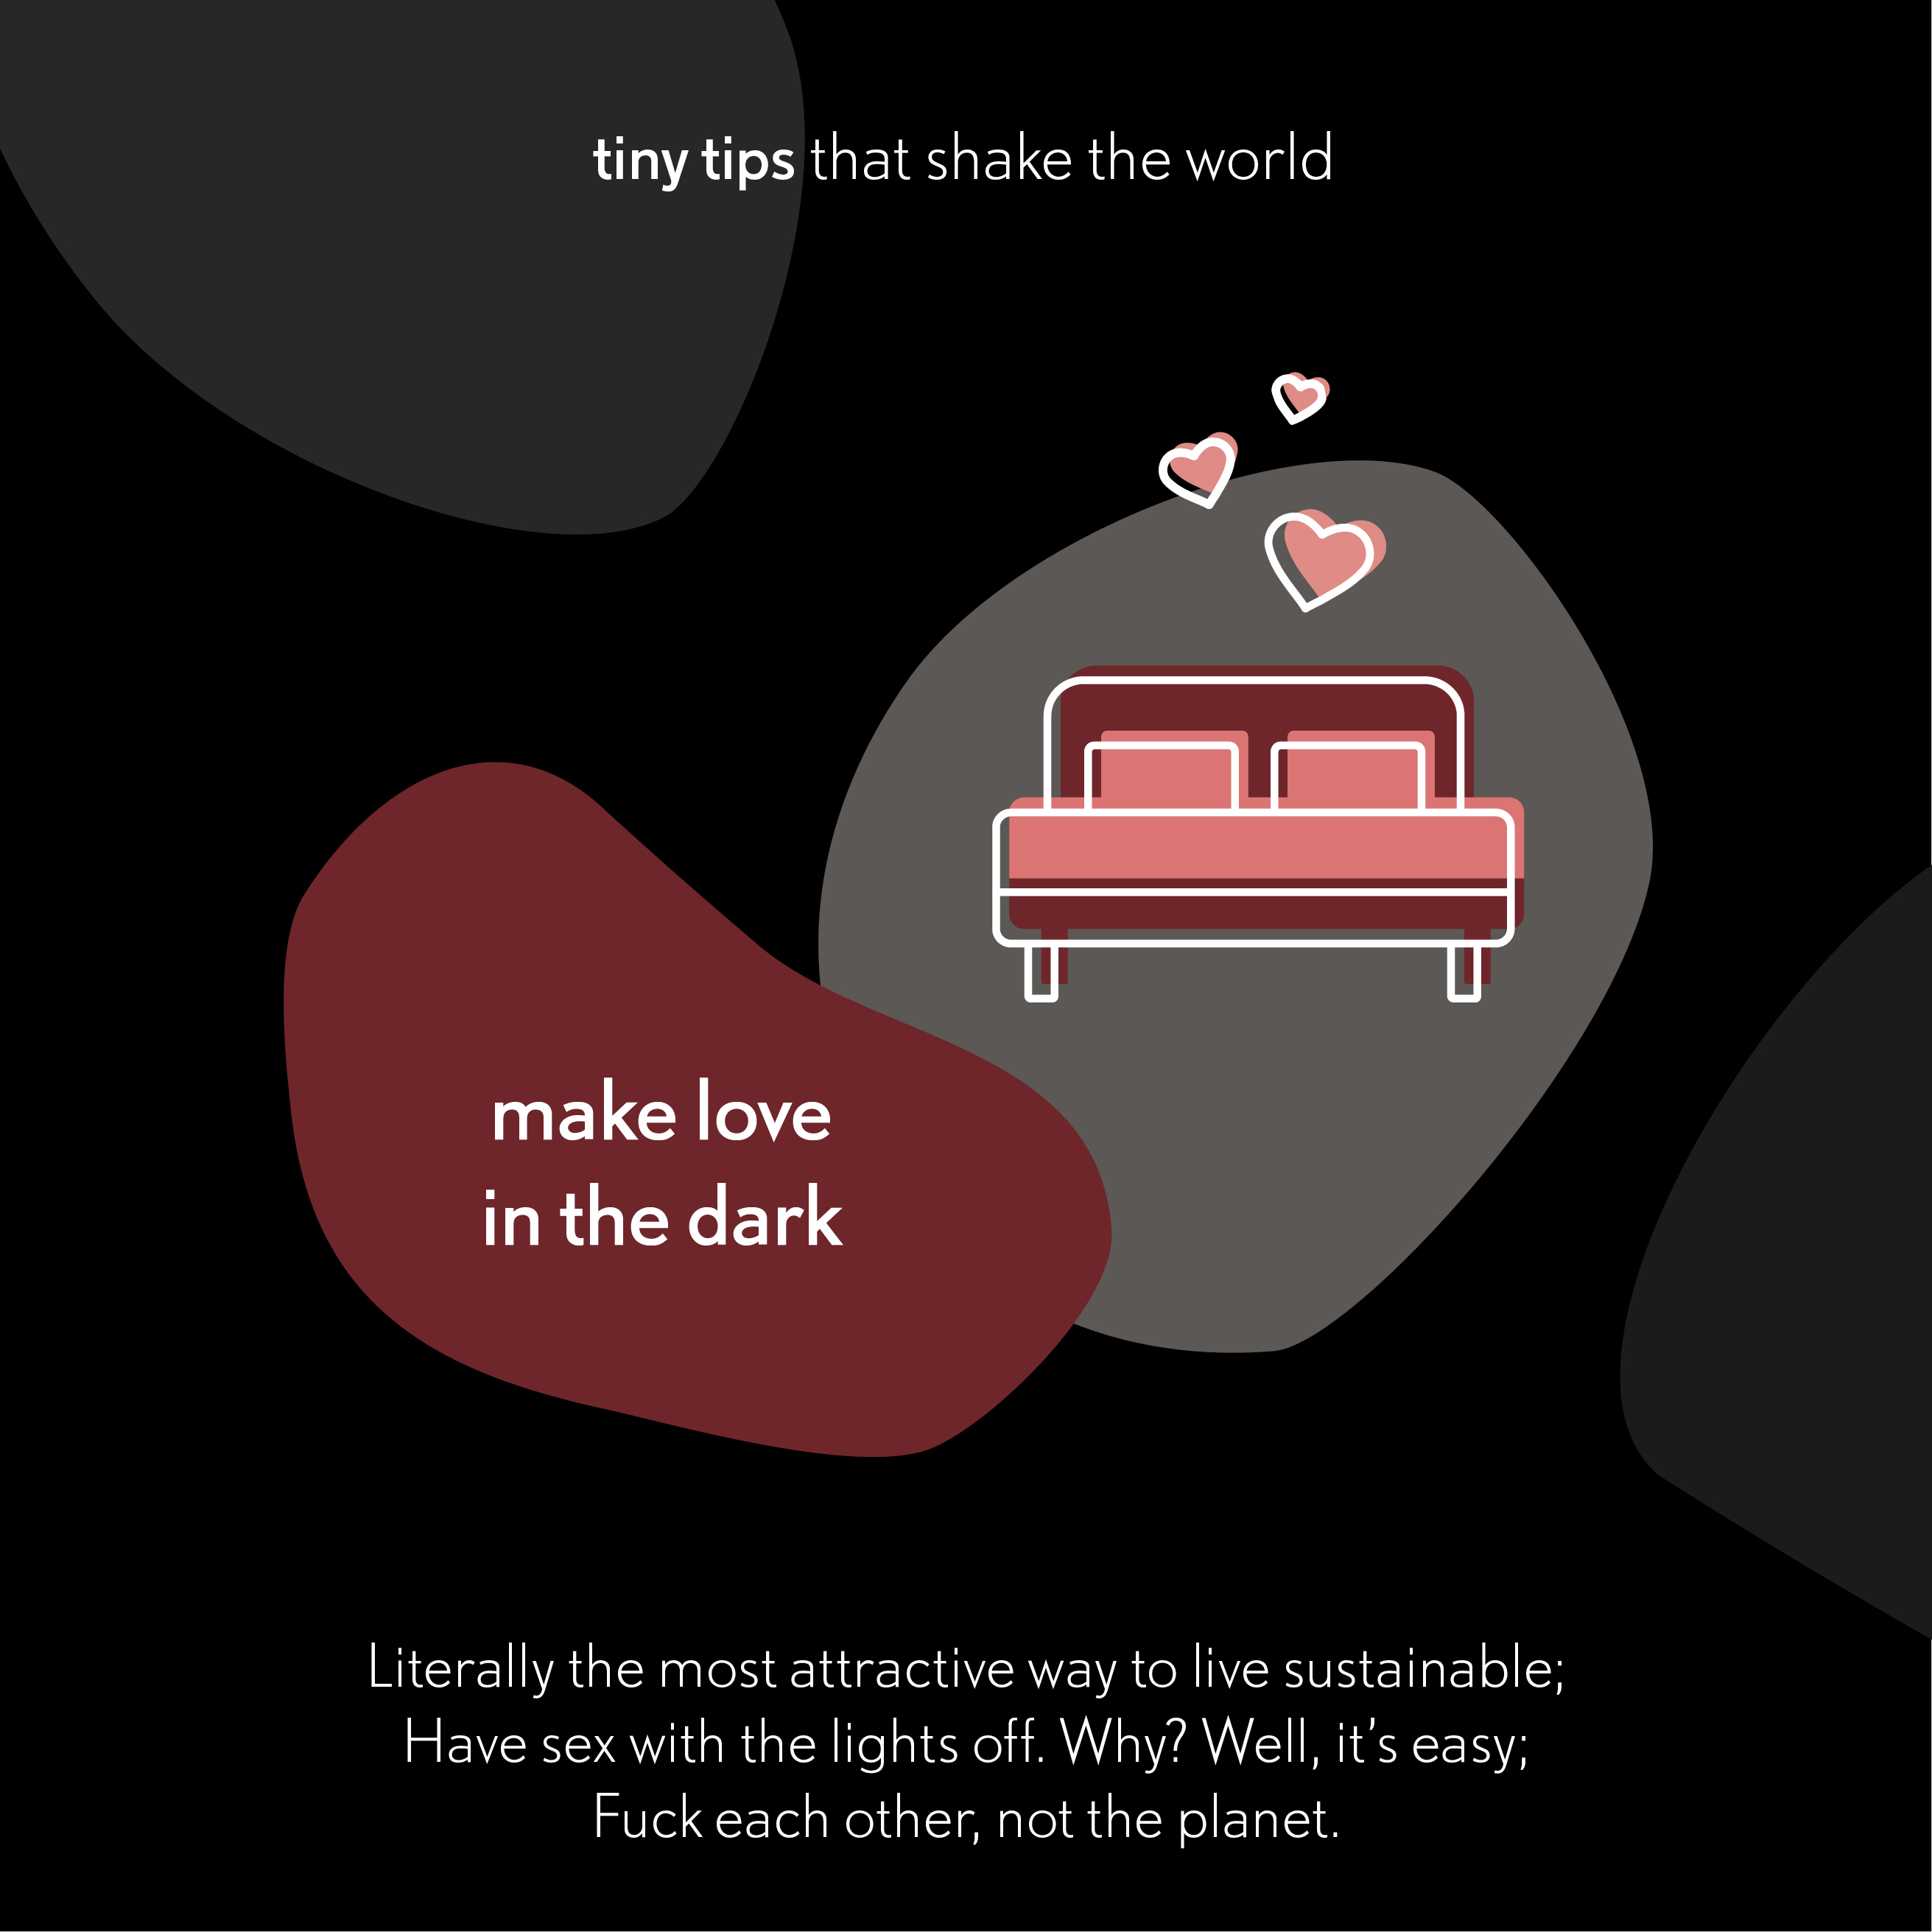 20190209 Make love in the dark